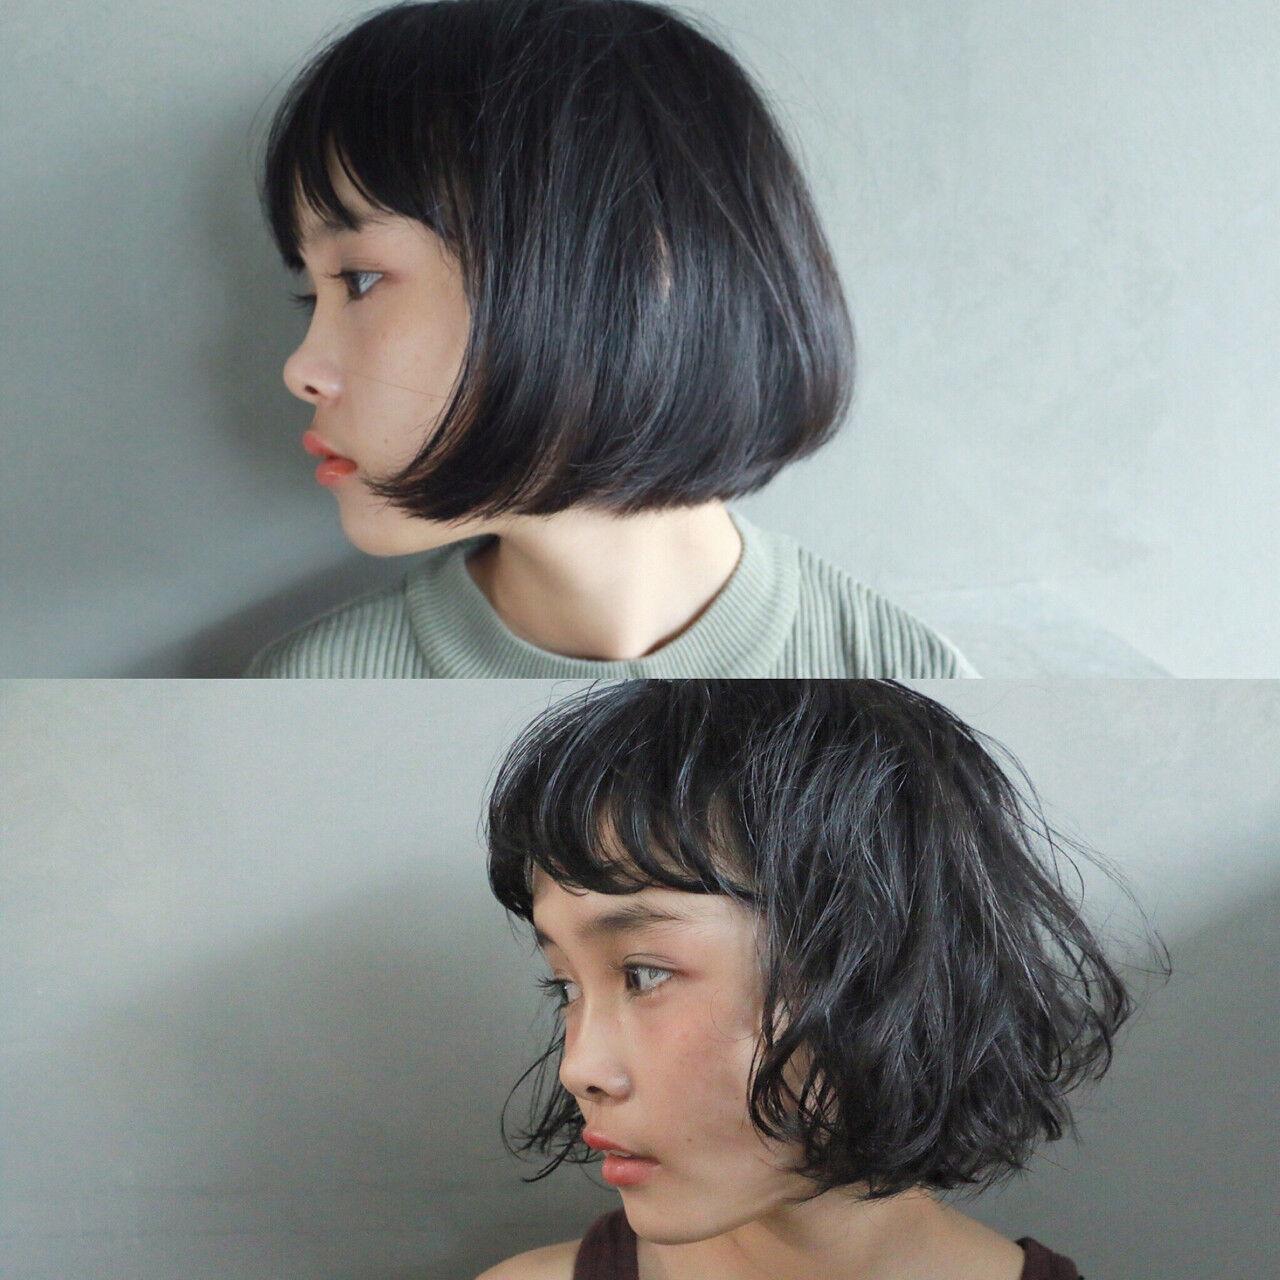 ナチュラル ゆるふわ 暗髪 グレーヘアスタイルや髪型の写真・画像